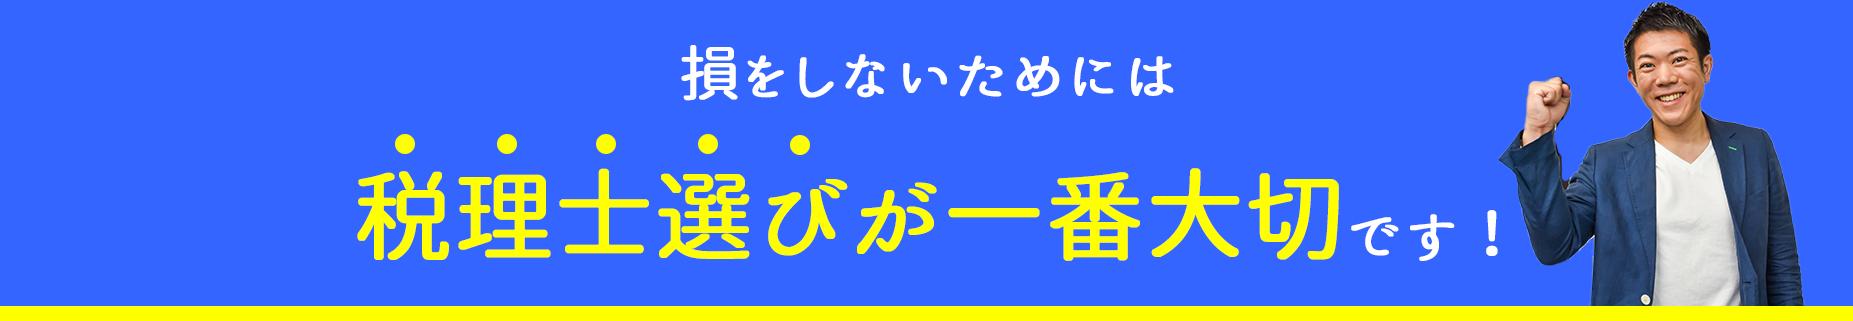 obi1 - 小川健太税理士事務所LP